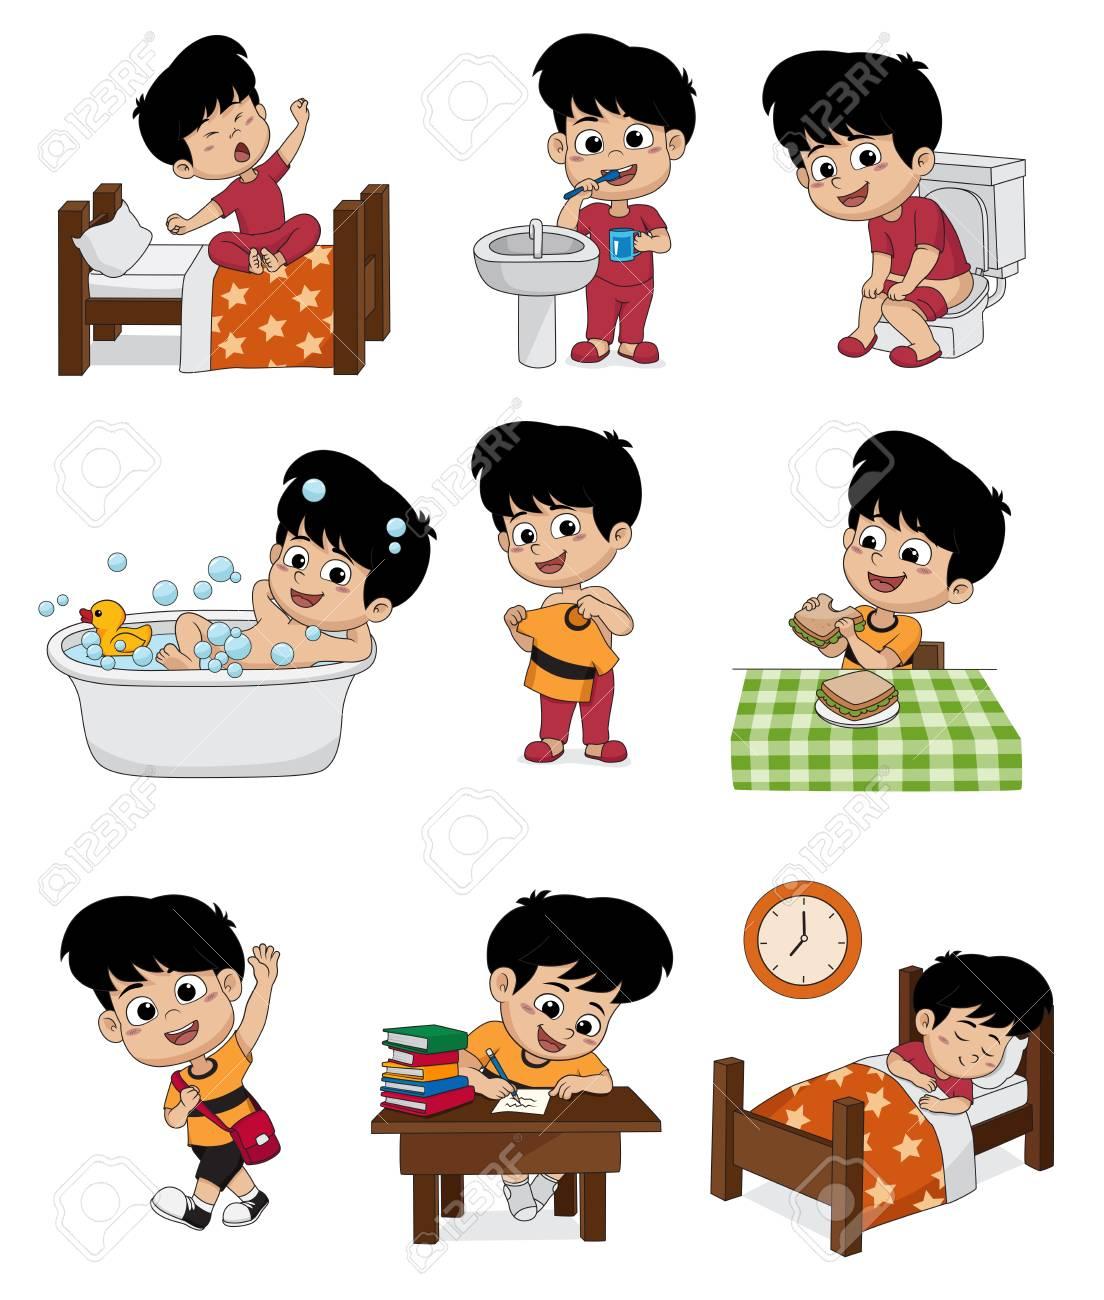 Jeu de garçon mignon quotidien. Réveil de bébé, se brosser les dents, pipi d'enfant, prendre un bain, habillé, petit déjeuner, enfant d'apprentissage,